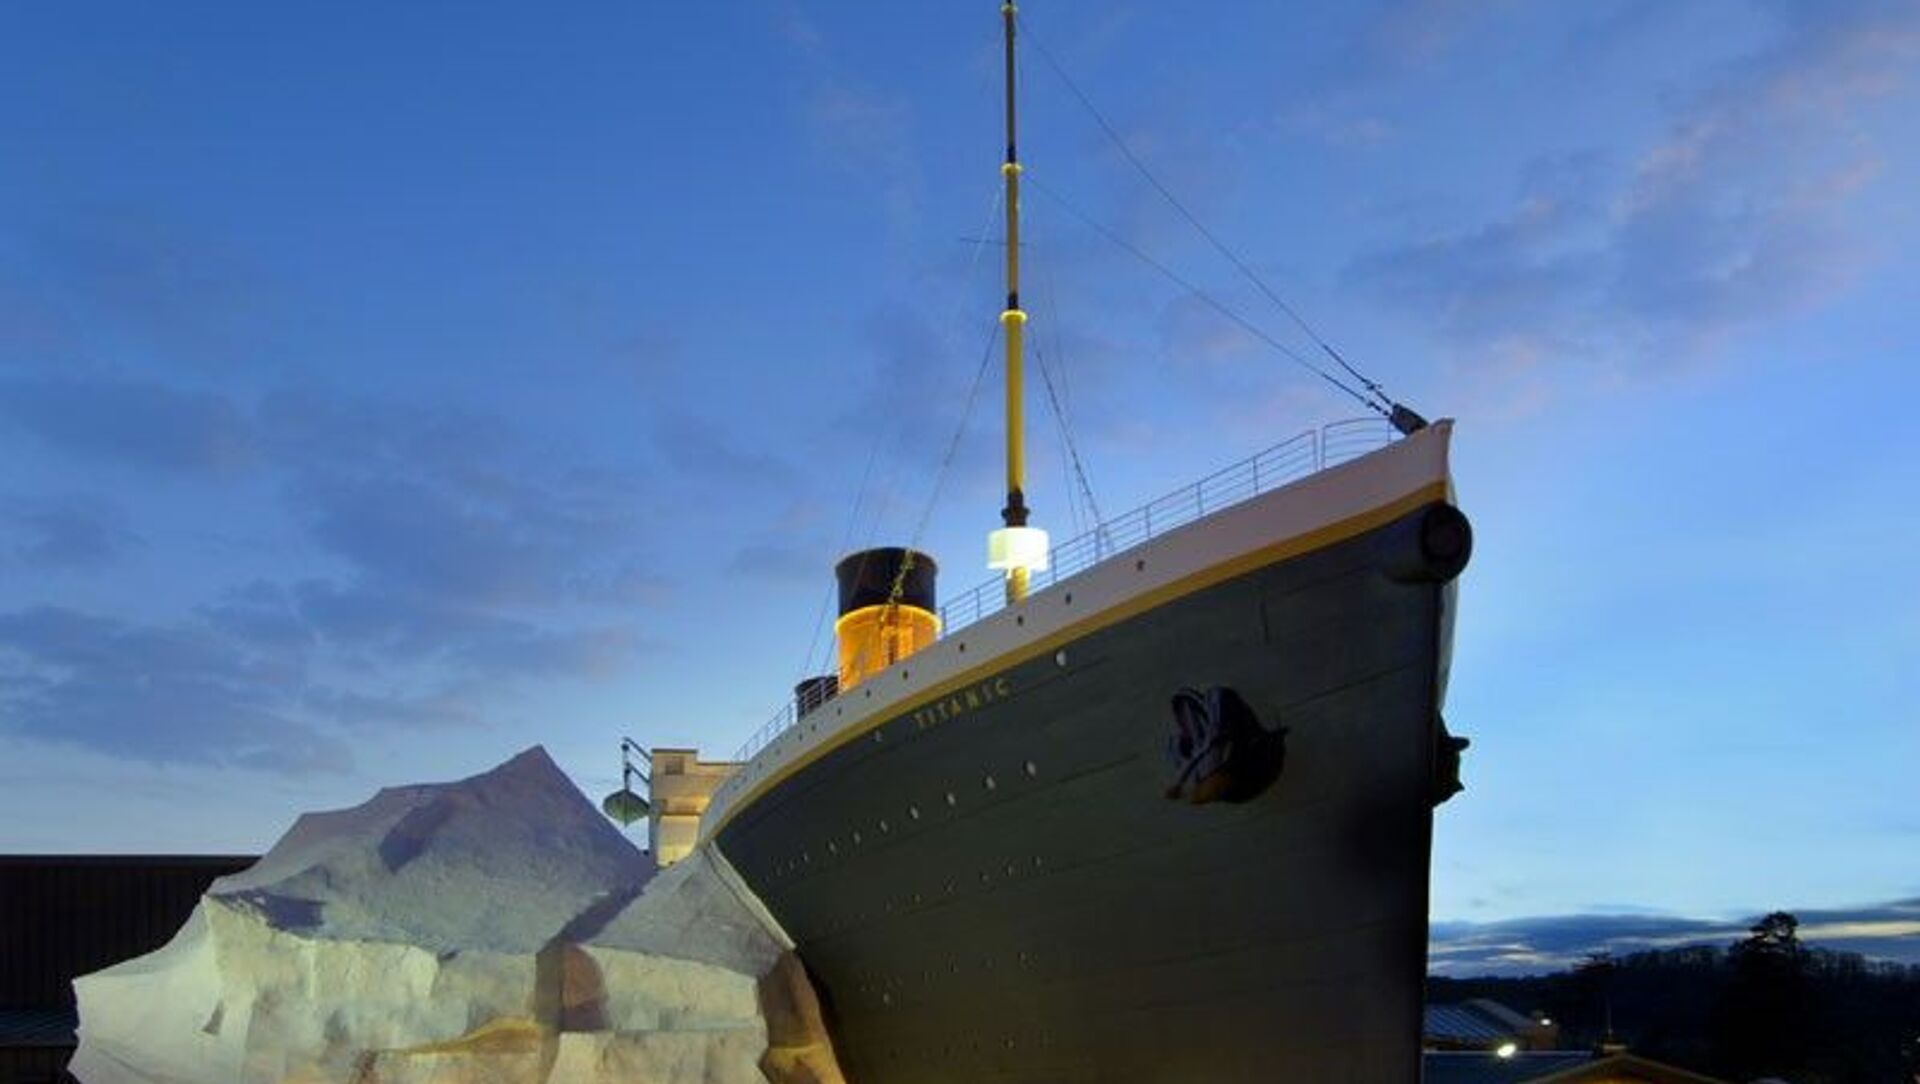 Titanik Müzesi'ndeki buzdağı, ziyaretçilerin üzerine devrildi: 3 yaralı - Sputnik Türkiye, 1920, 03.08.2021